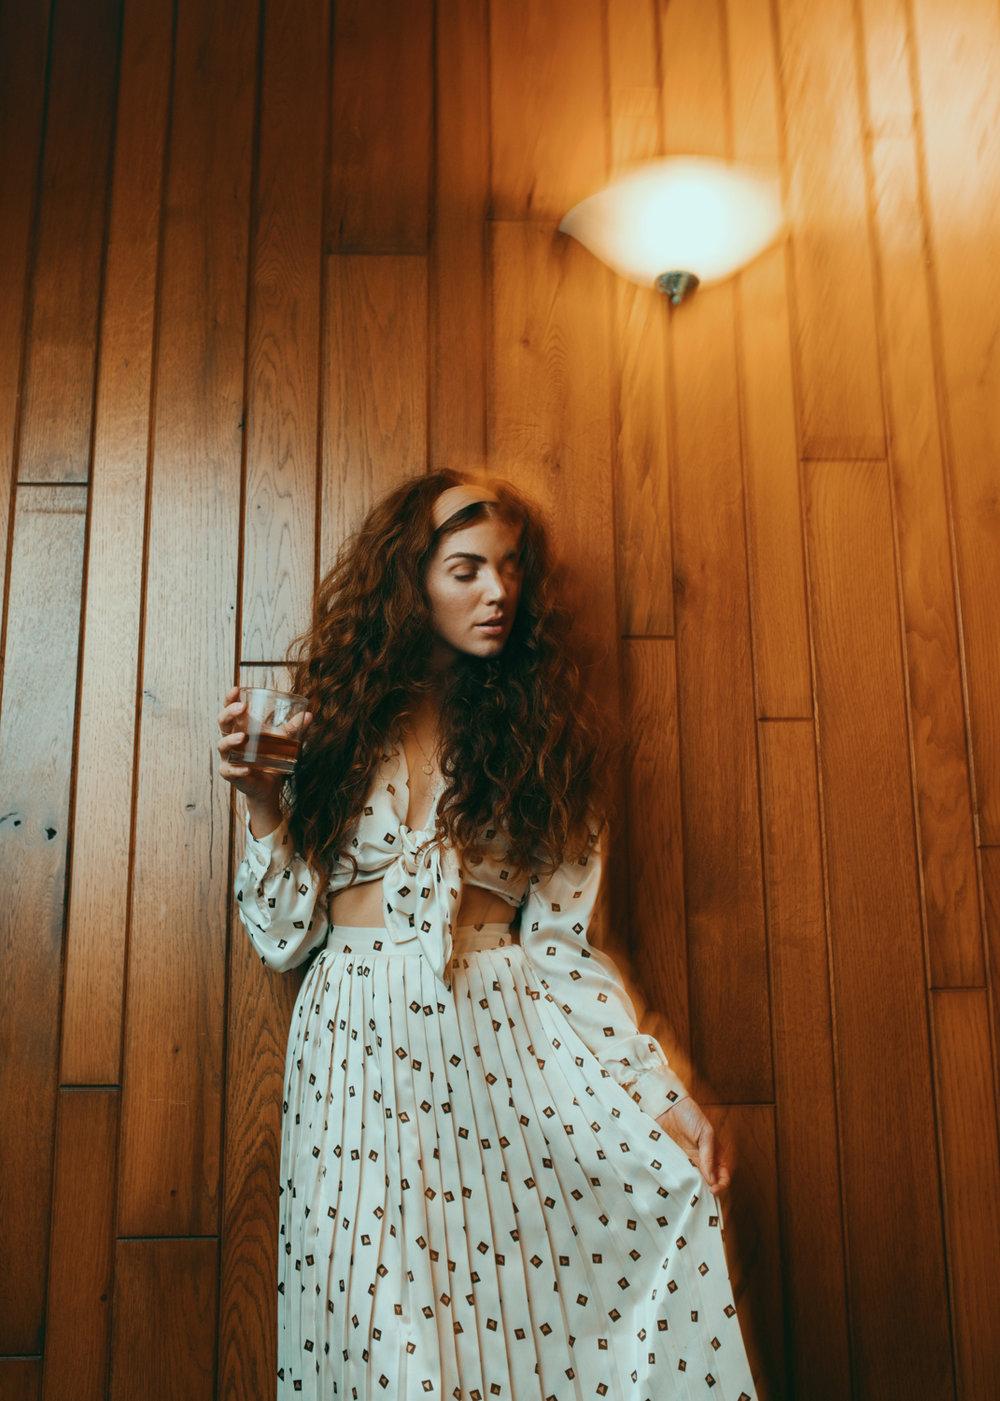 2018-07-02 Kelsie Virgo Vintage 70s 261 copy.jpg